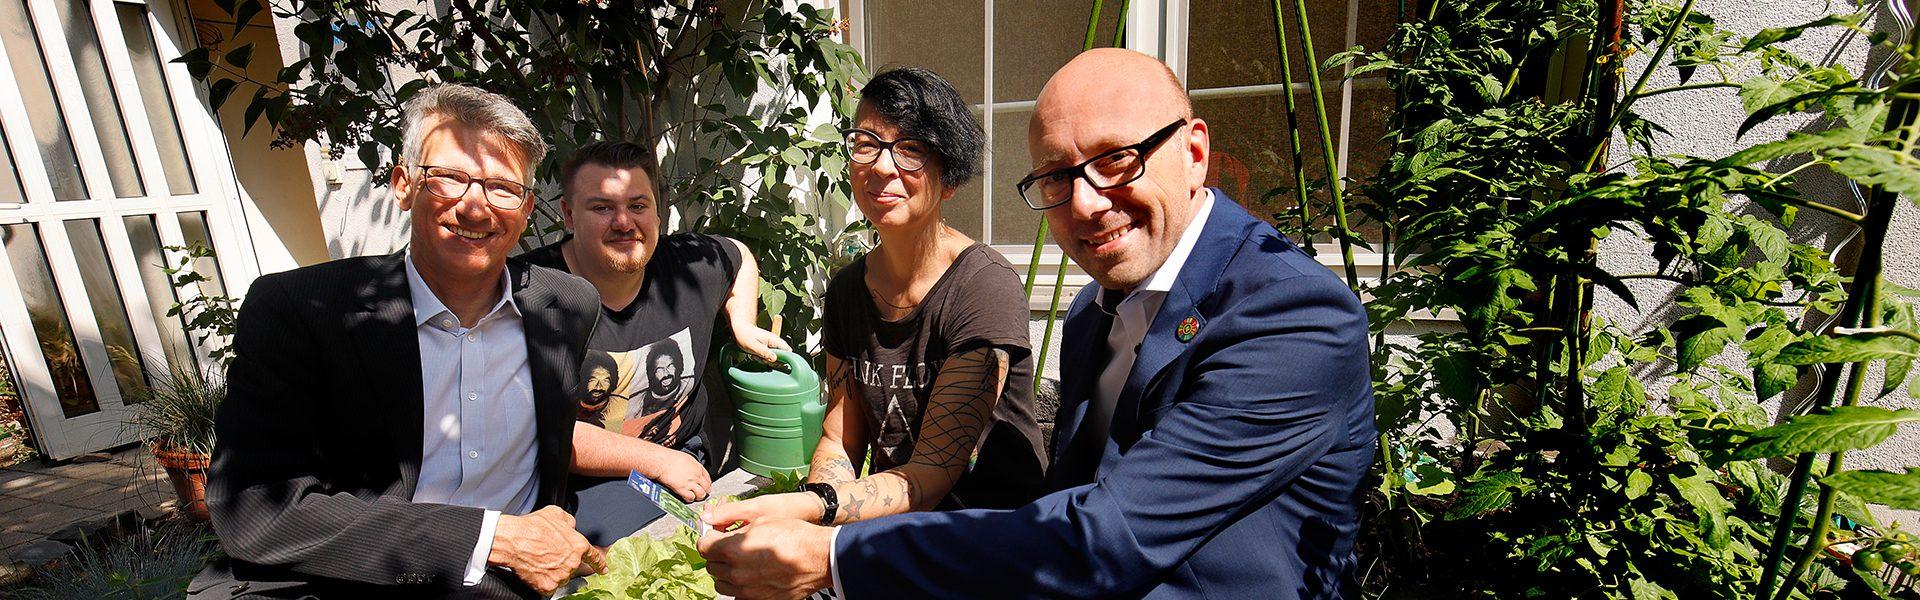 Header Bild Essbare Teestube: Mit Gartenarbeit Menschen fördern